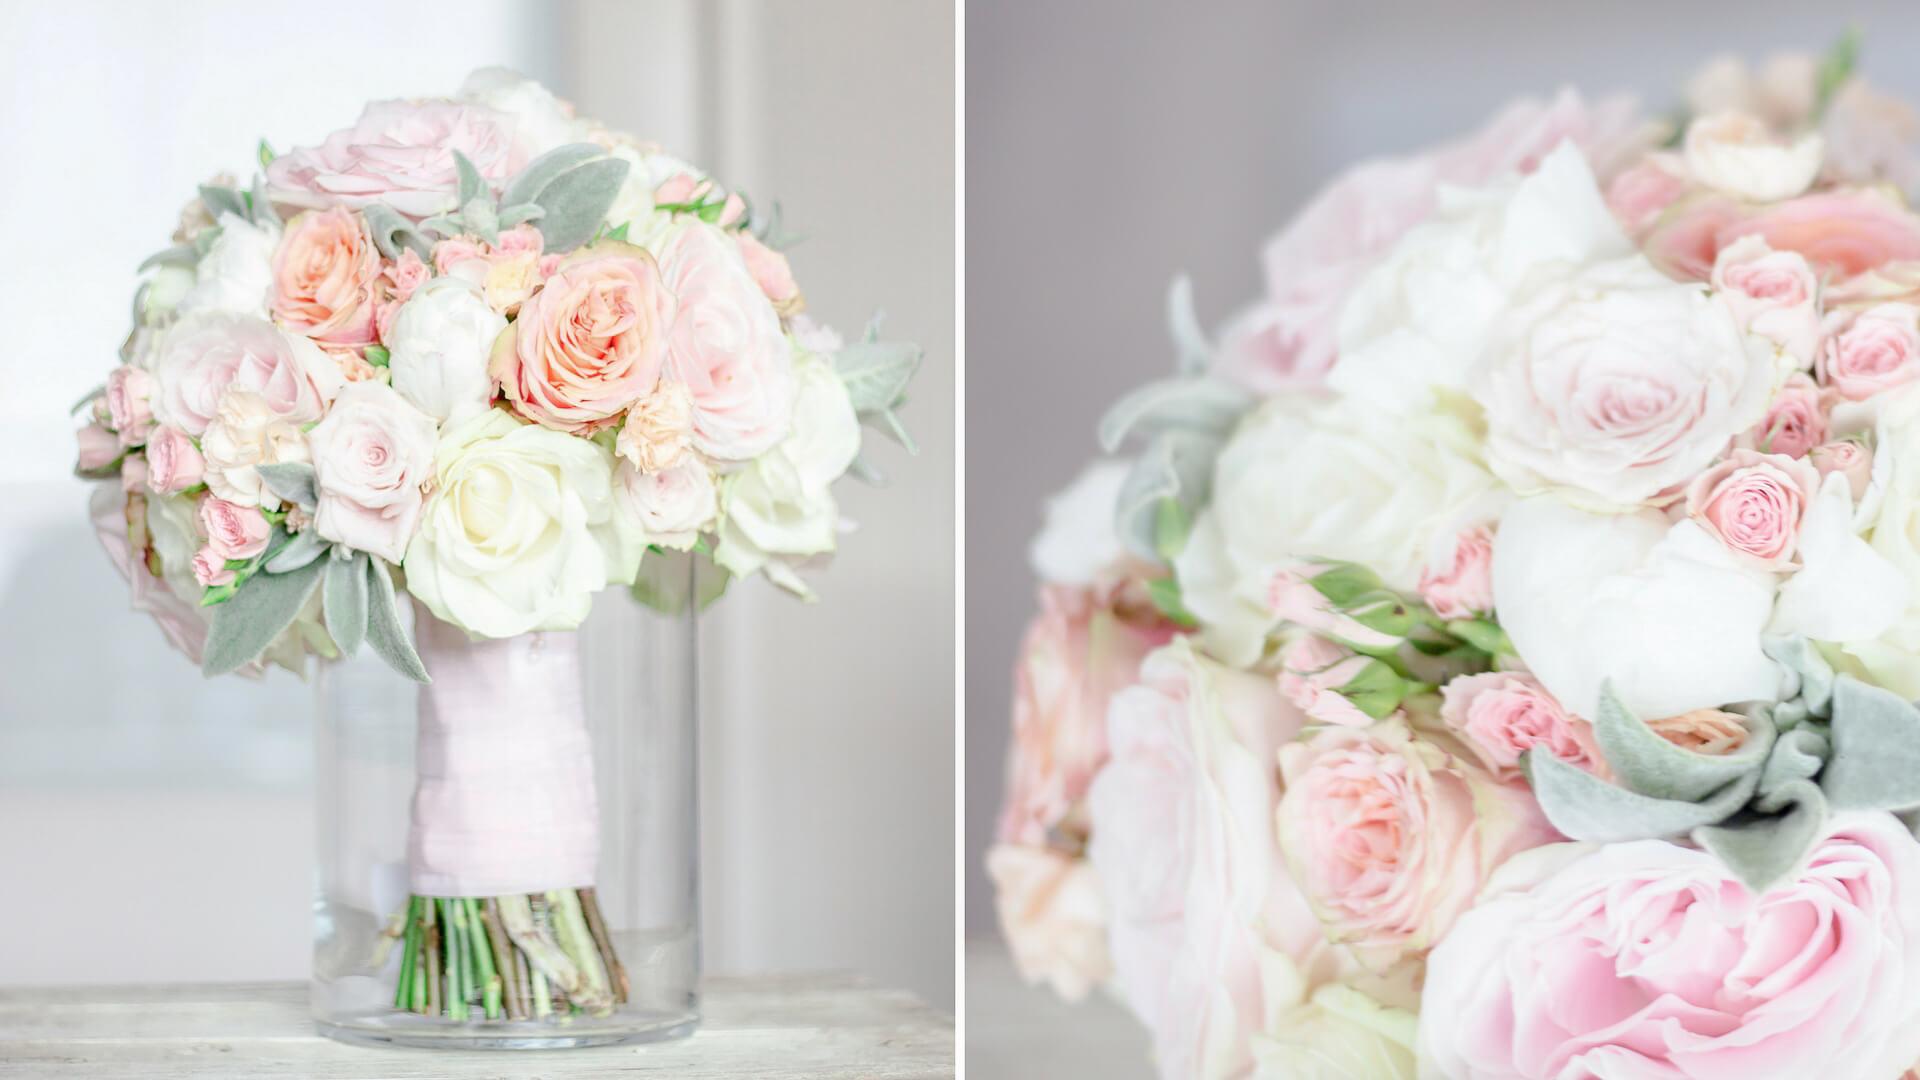 regio Groningen, boeket trouwen, bruidswerk lijn 10, fotografie, fotograaf zuidhorn, fotografie Zuidhorn, trouwen, bloemen, lijn 10